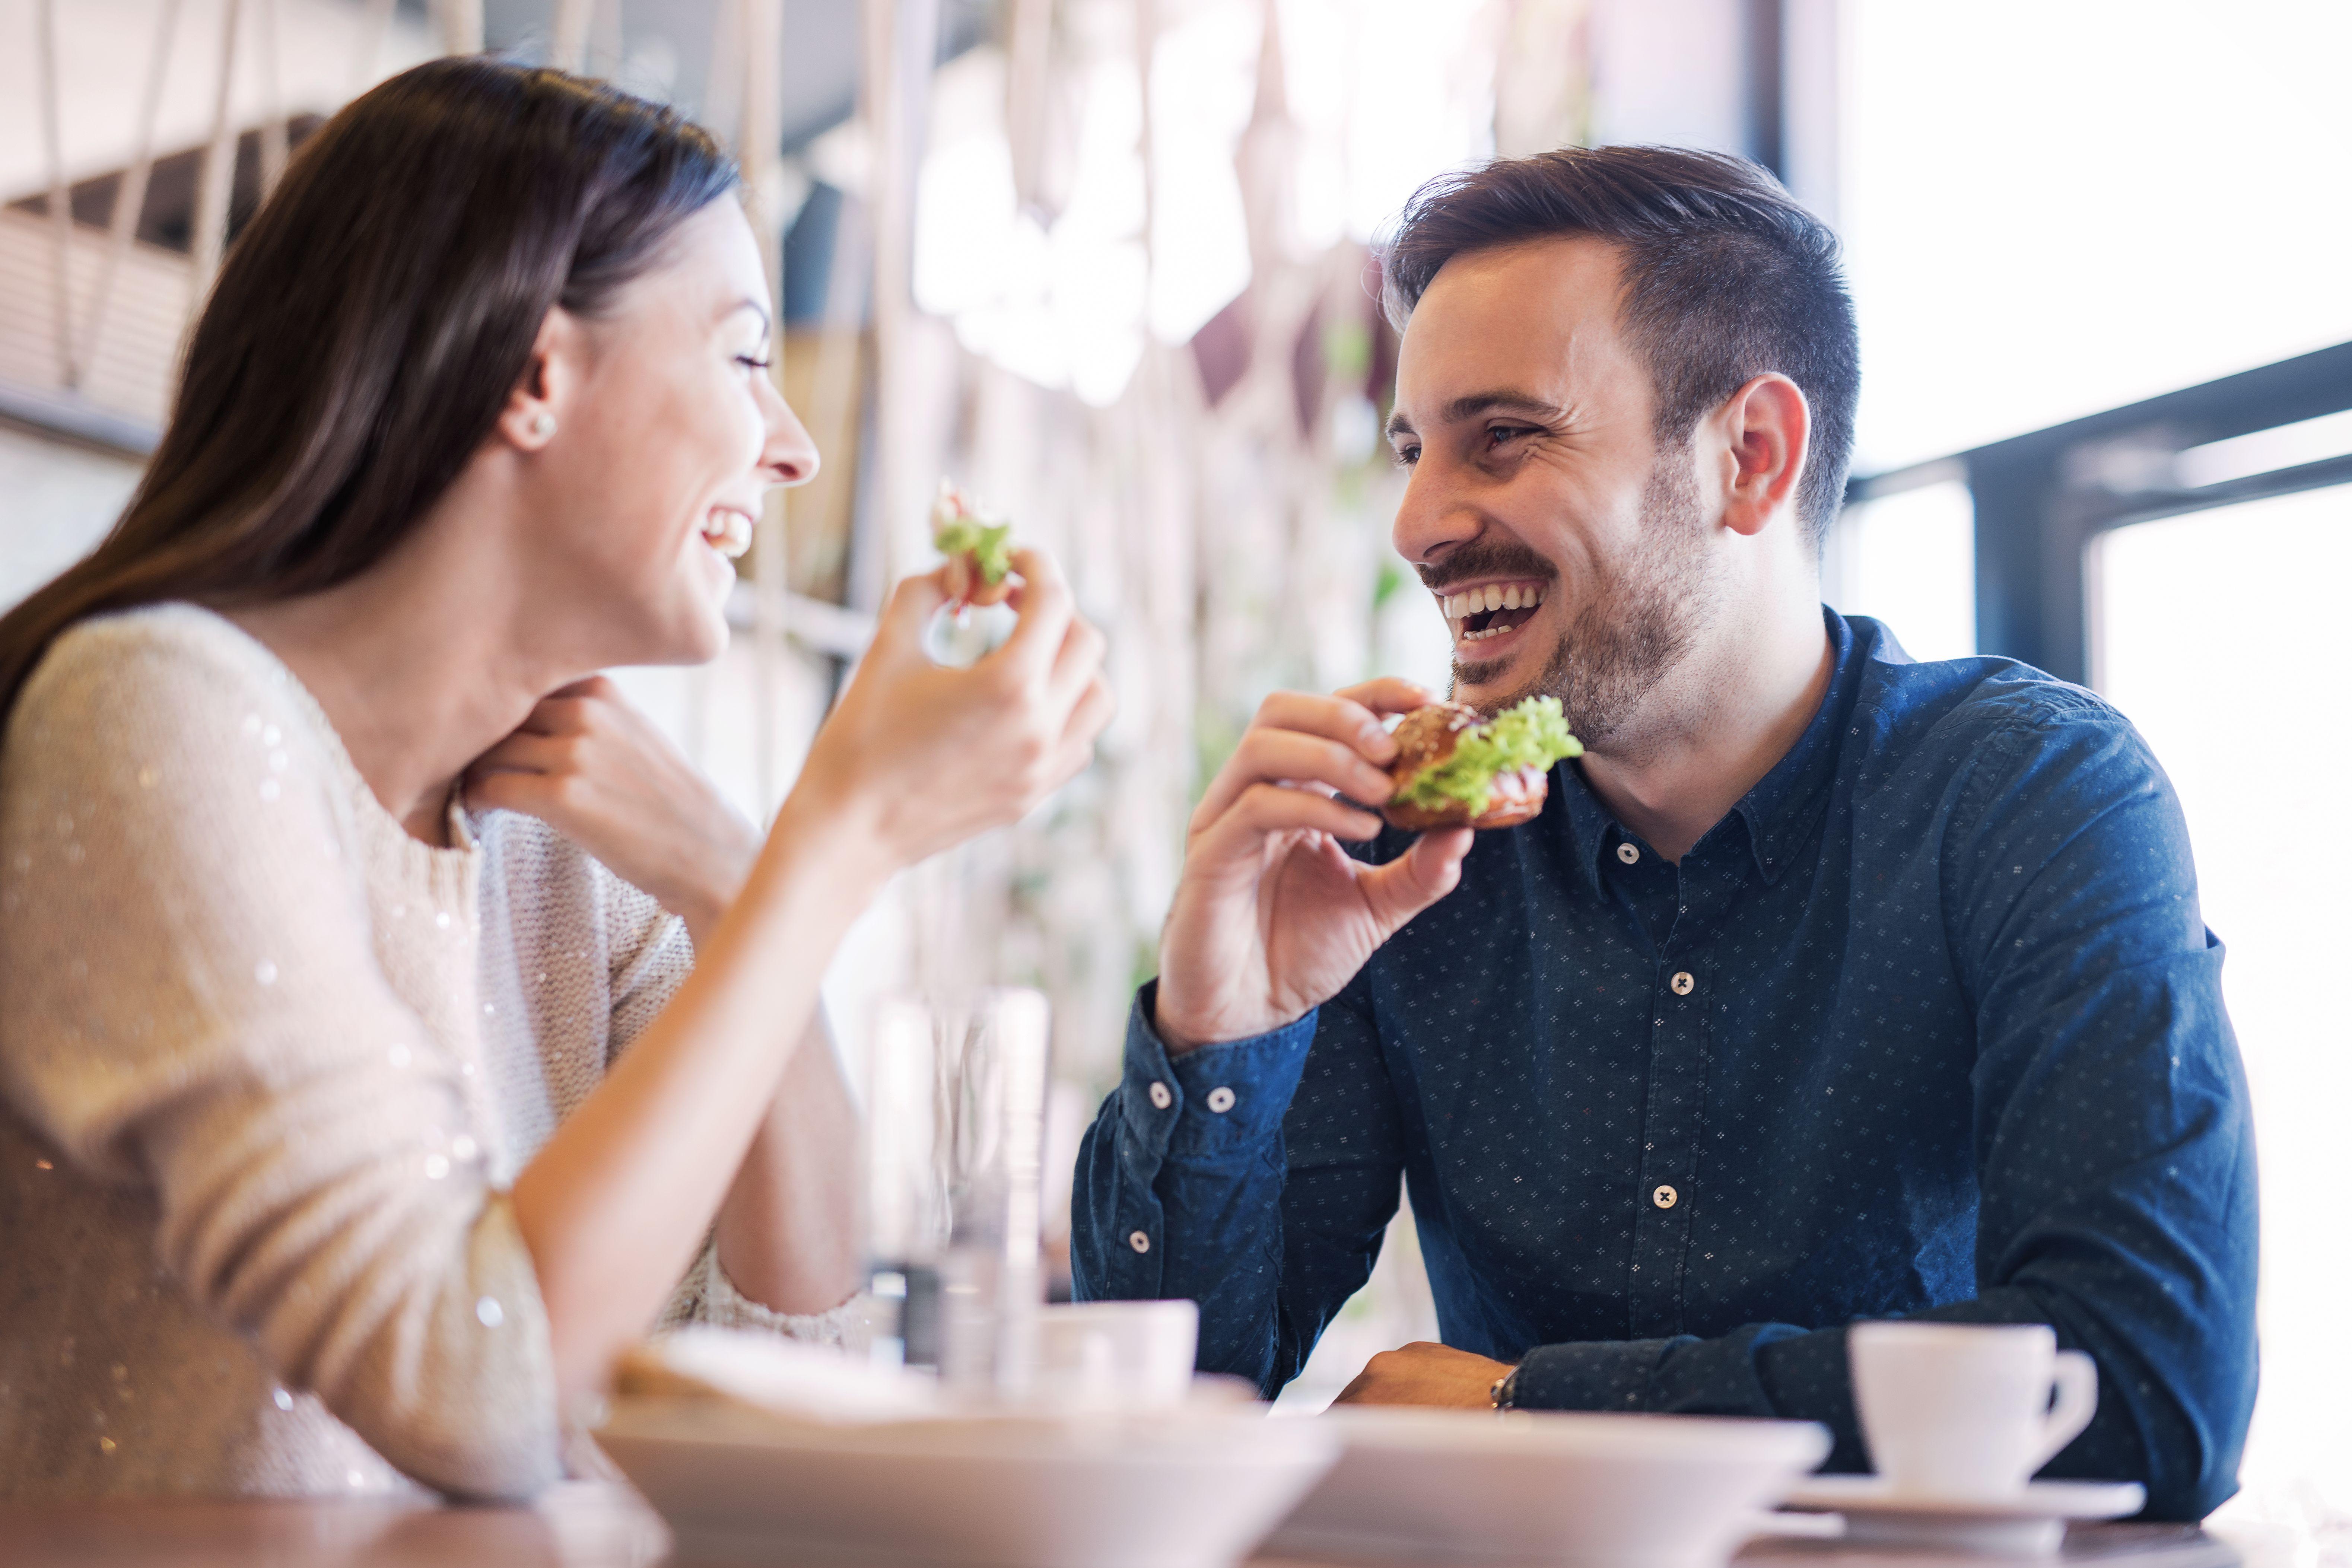 First Date Ideas